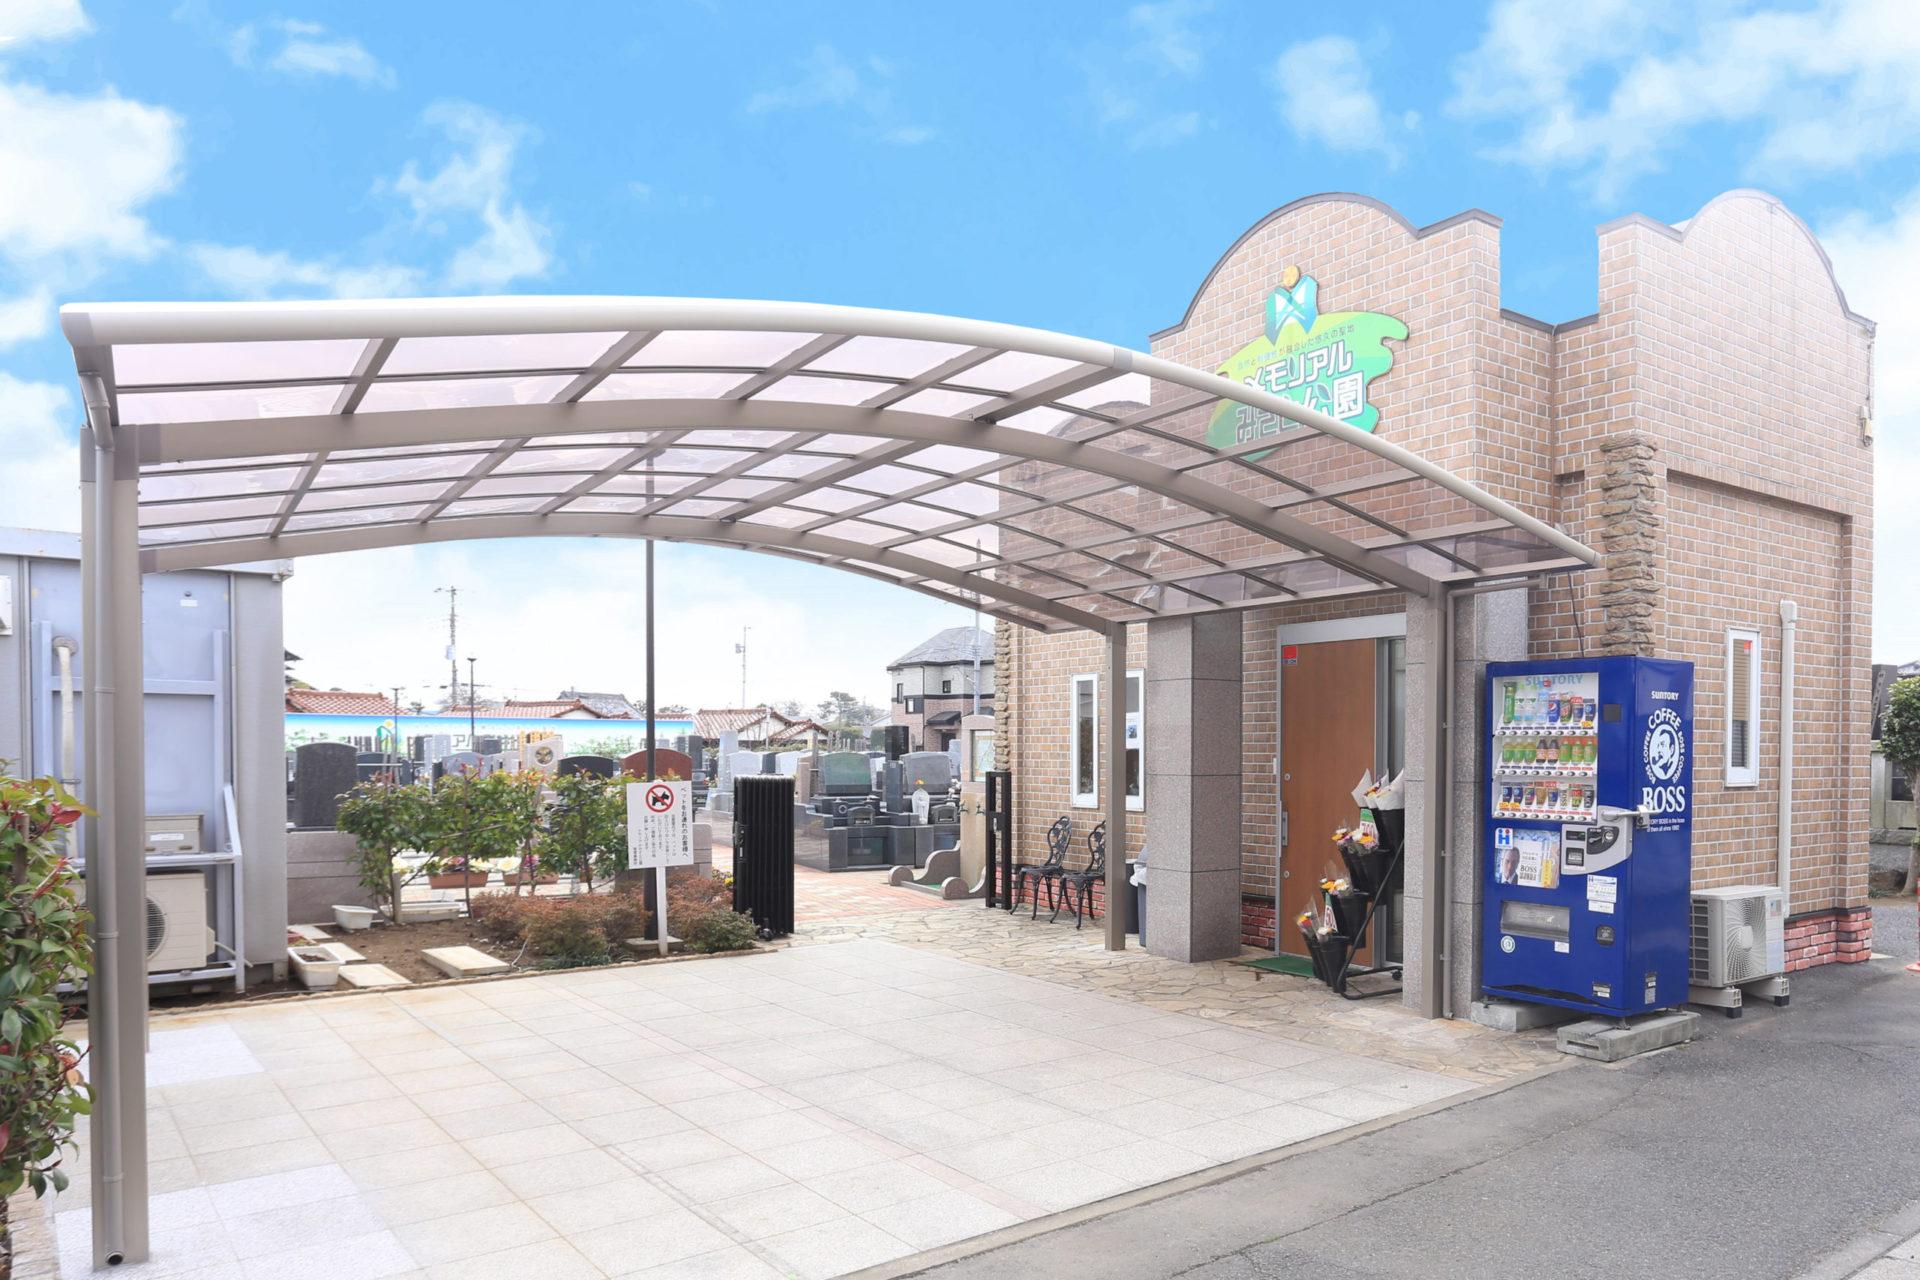 メモリアルみさと公園<br>(埼玉県三郷市)